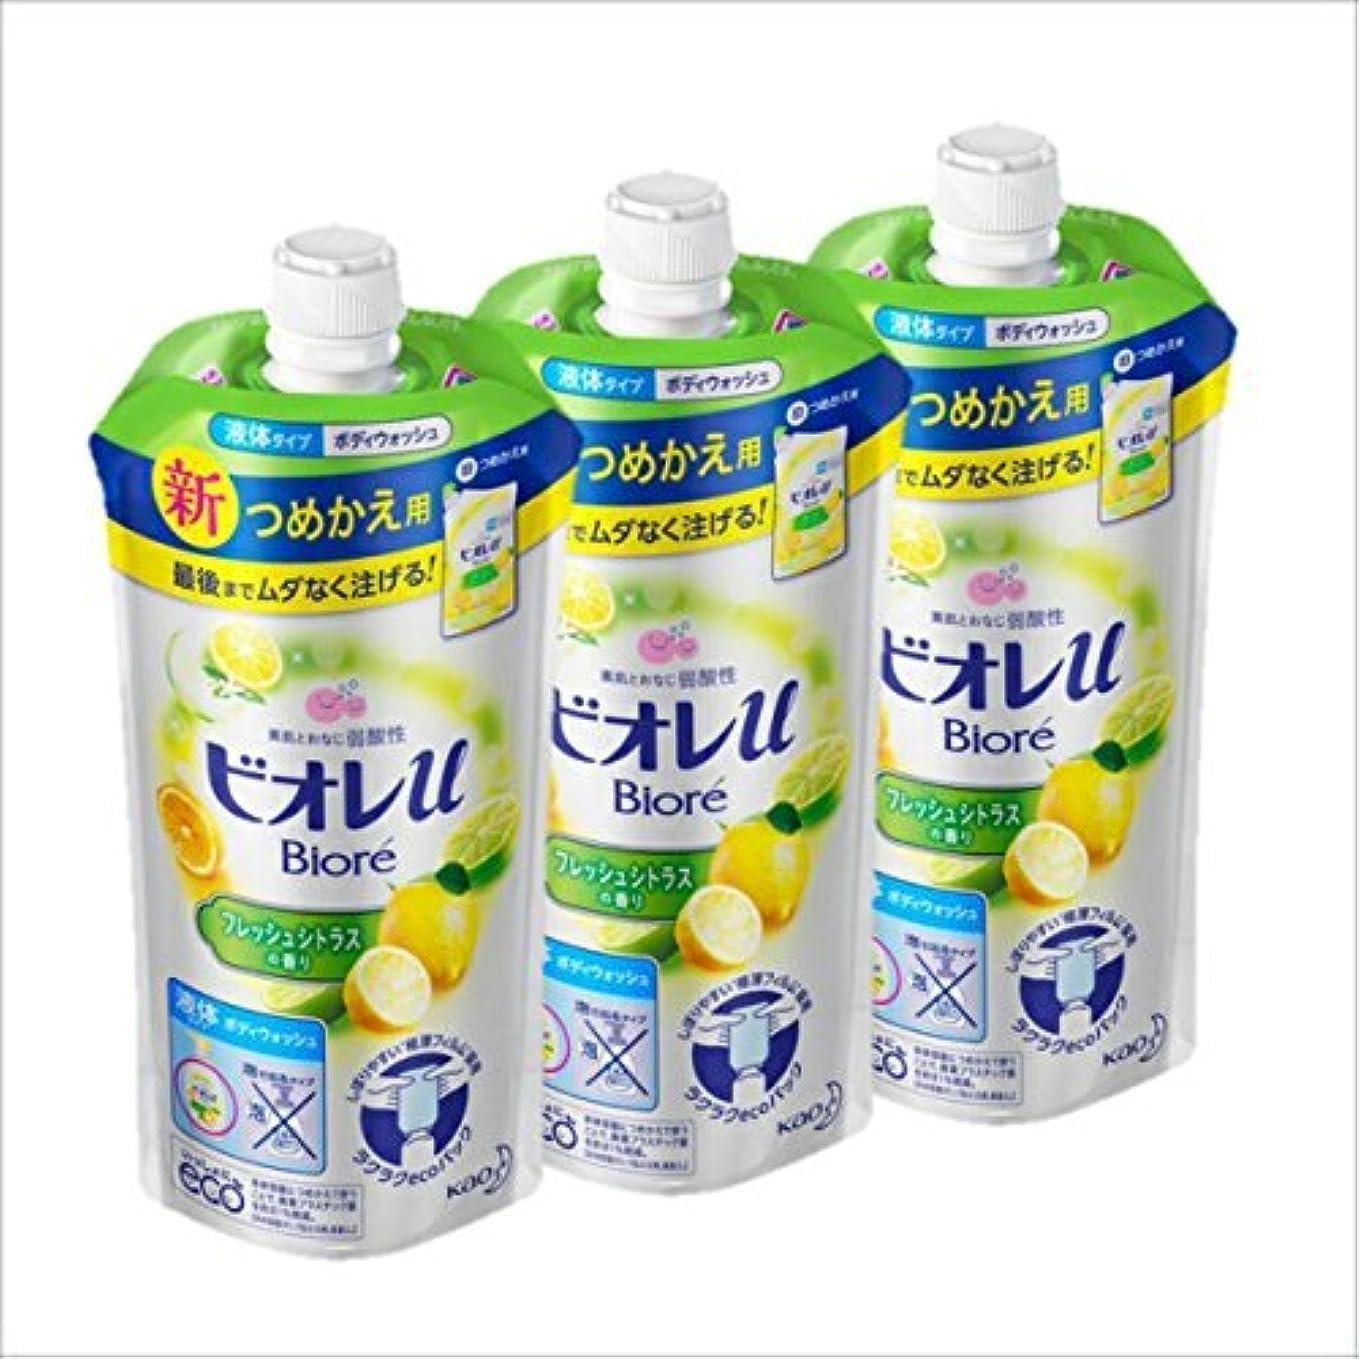 ワーカー浴質素な【まとめ買い】ビオレu フレッシュシトラスの香り つめかえ用 340ml×3個